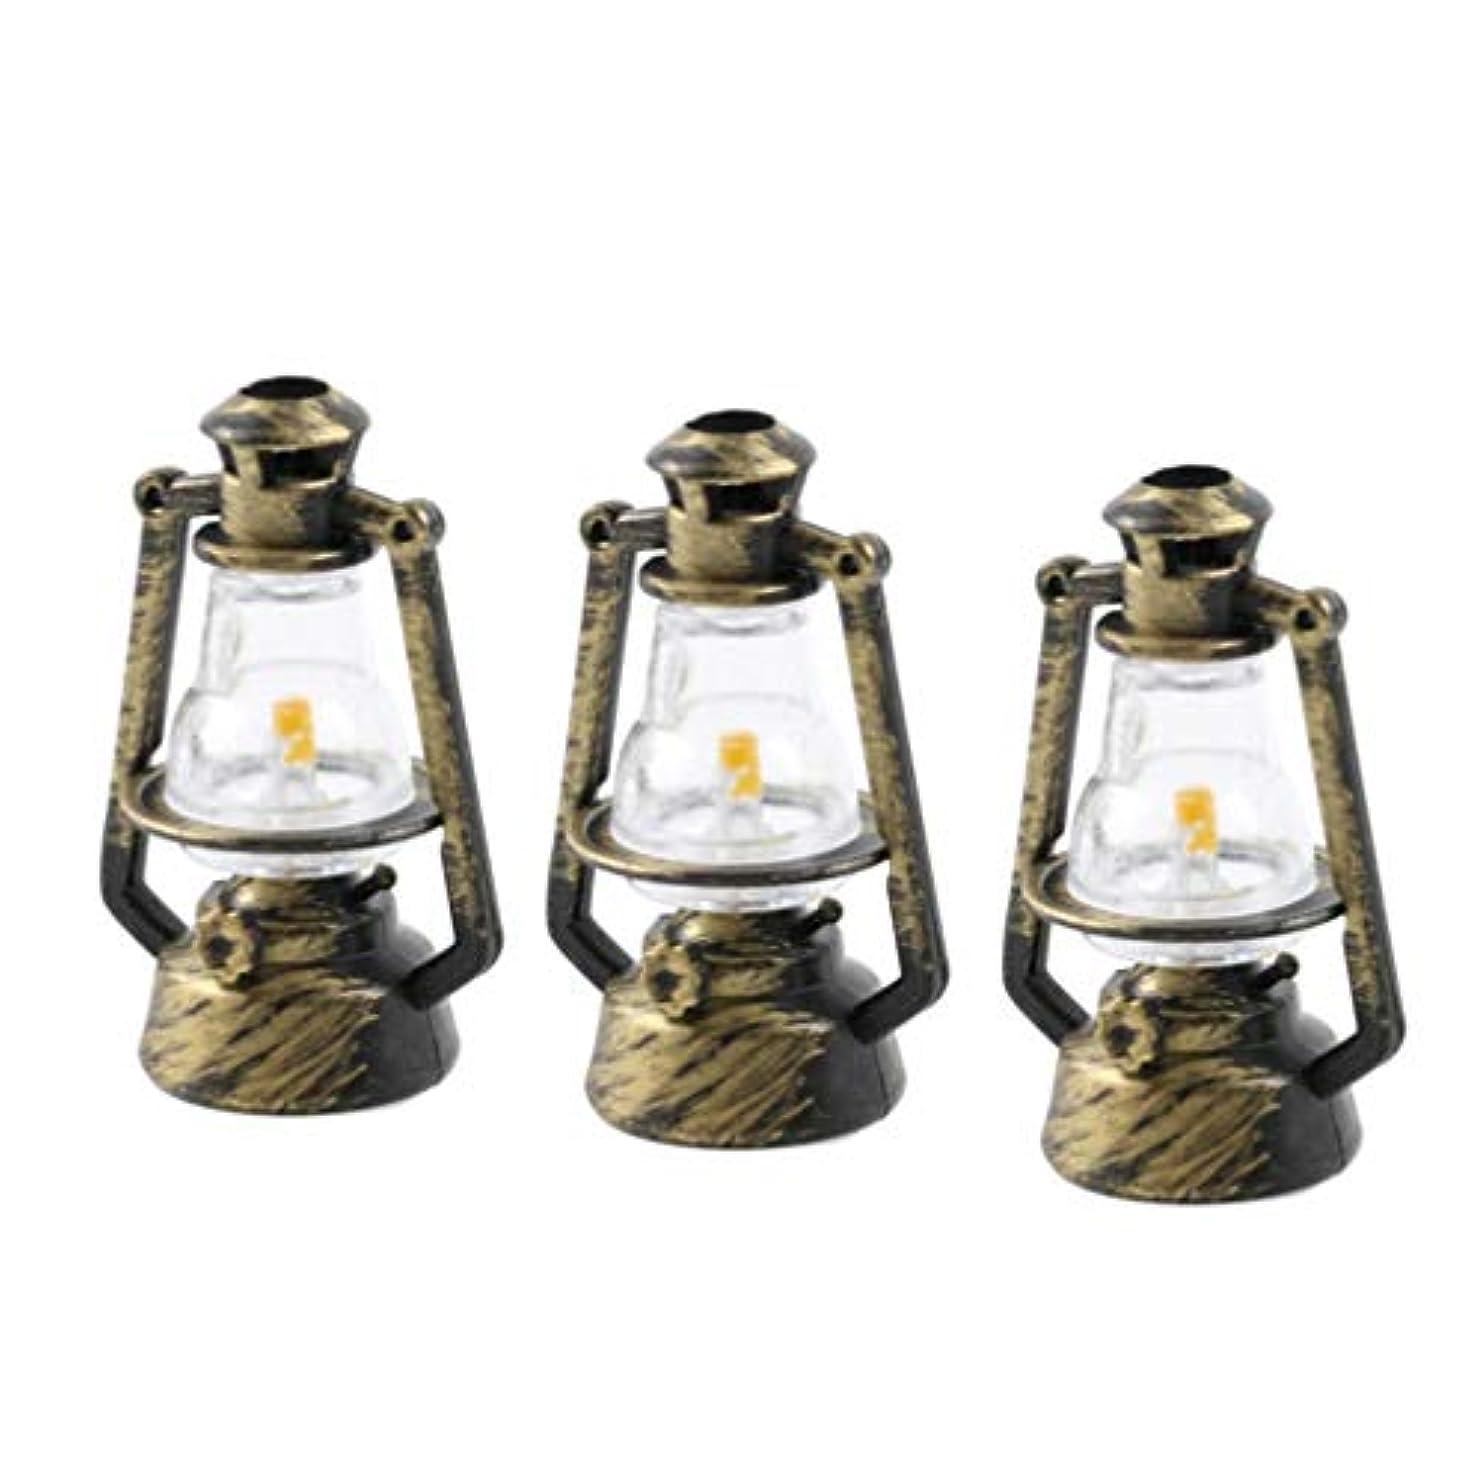 踏み台評論家移行HEALLILY ミニレトロ灯油ランプ飾り1:12ドールハウスミニチュア家具ドールハウス装飾アクセサリー風景装飾6ピース